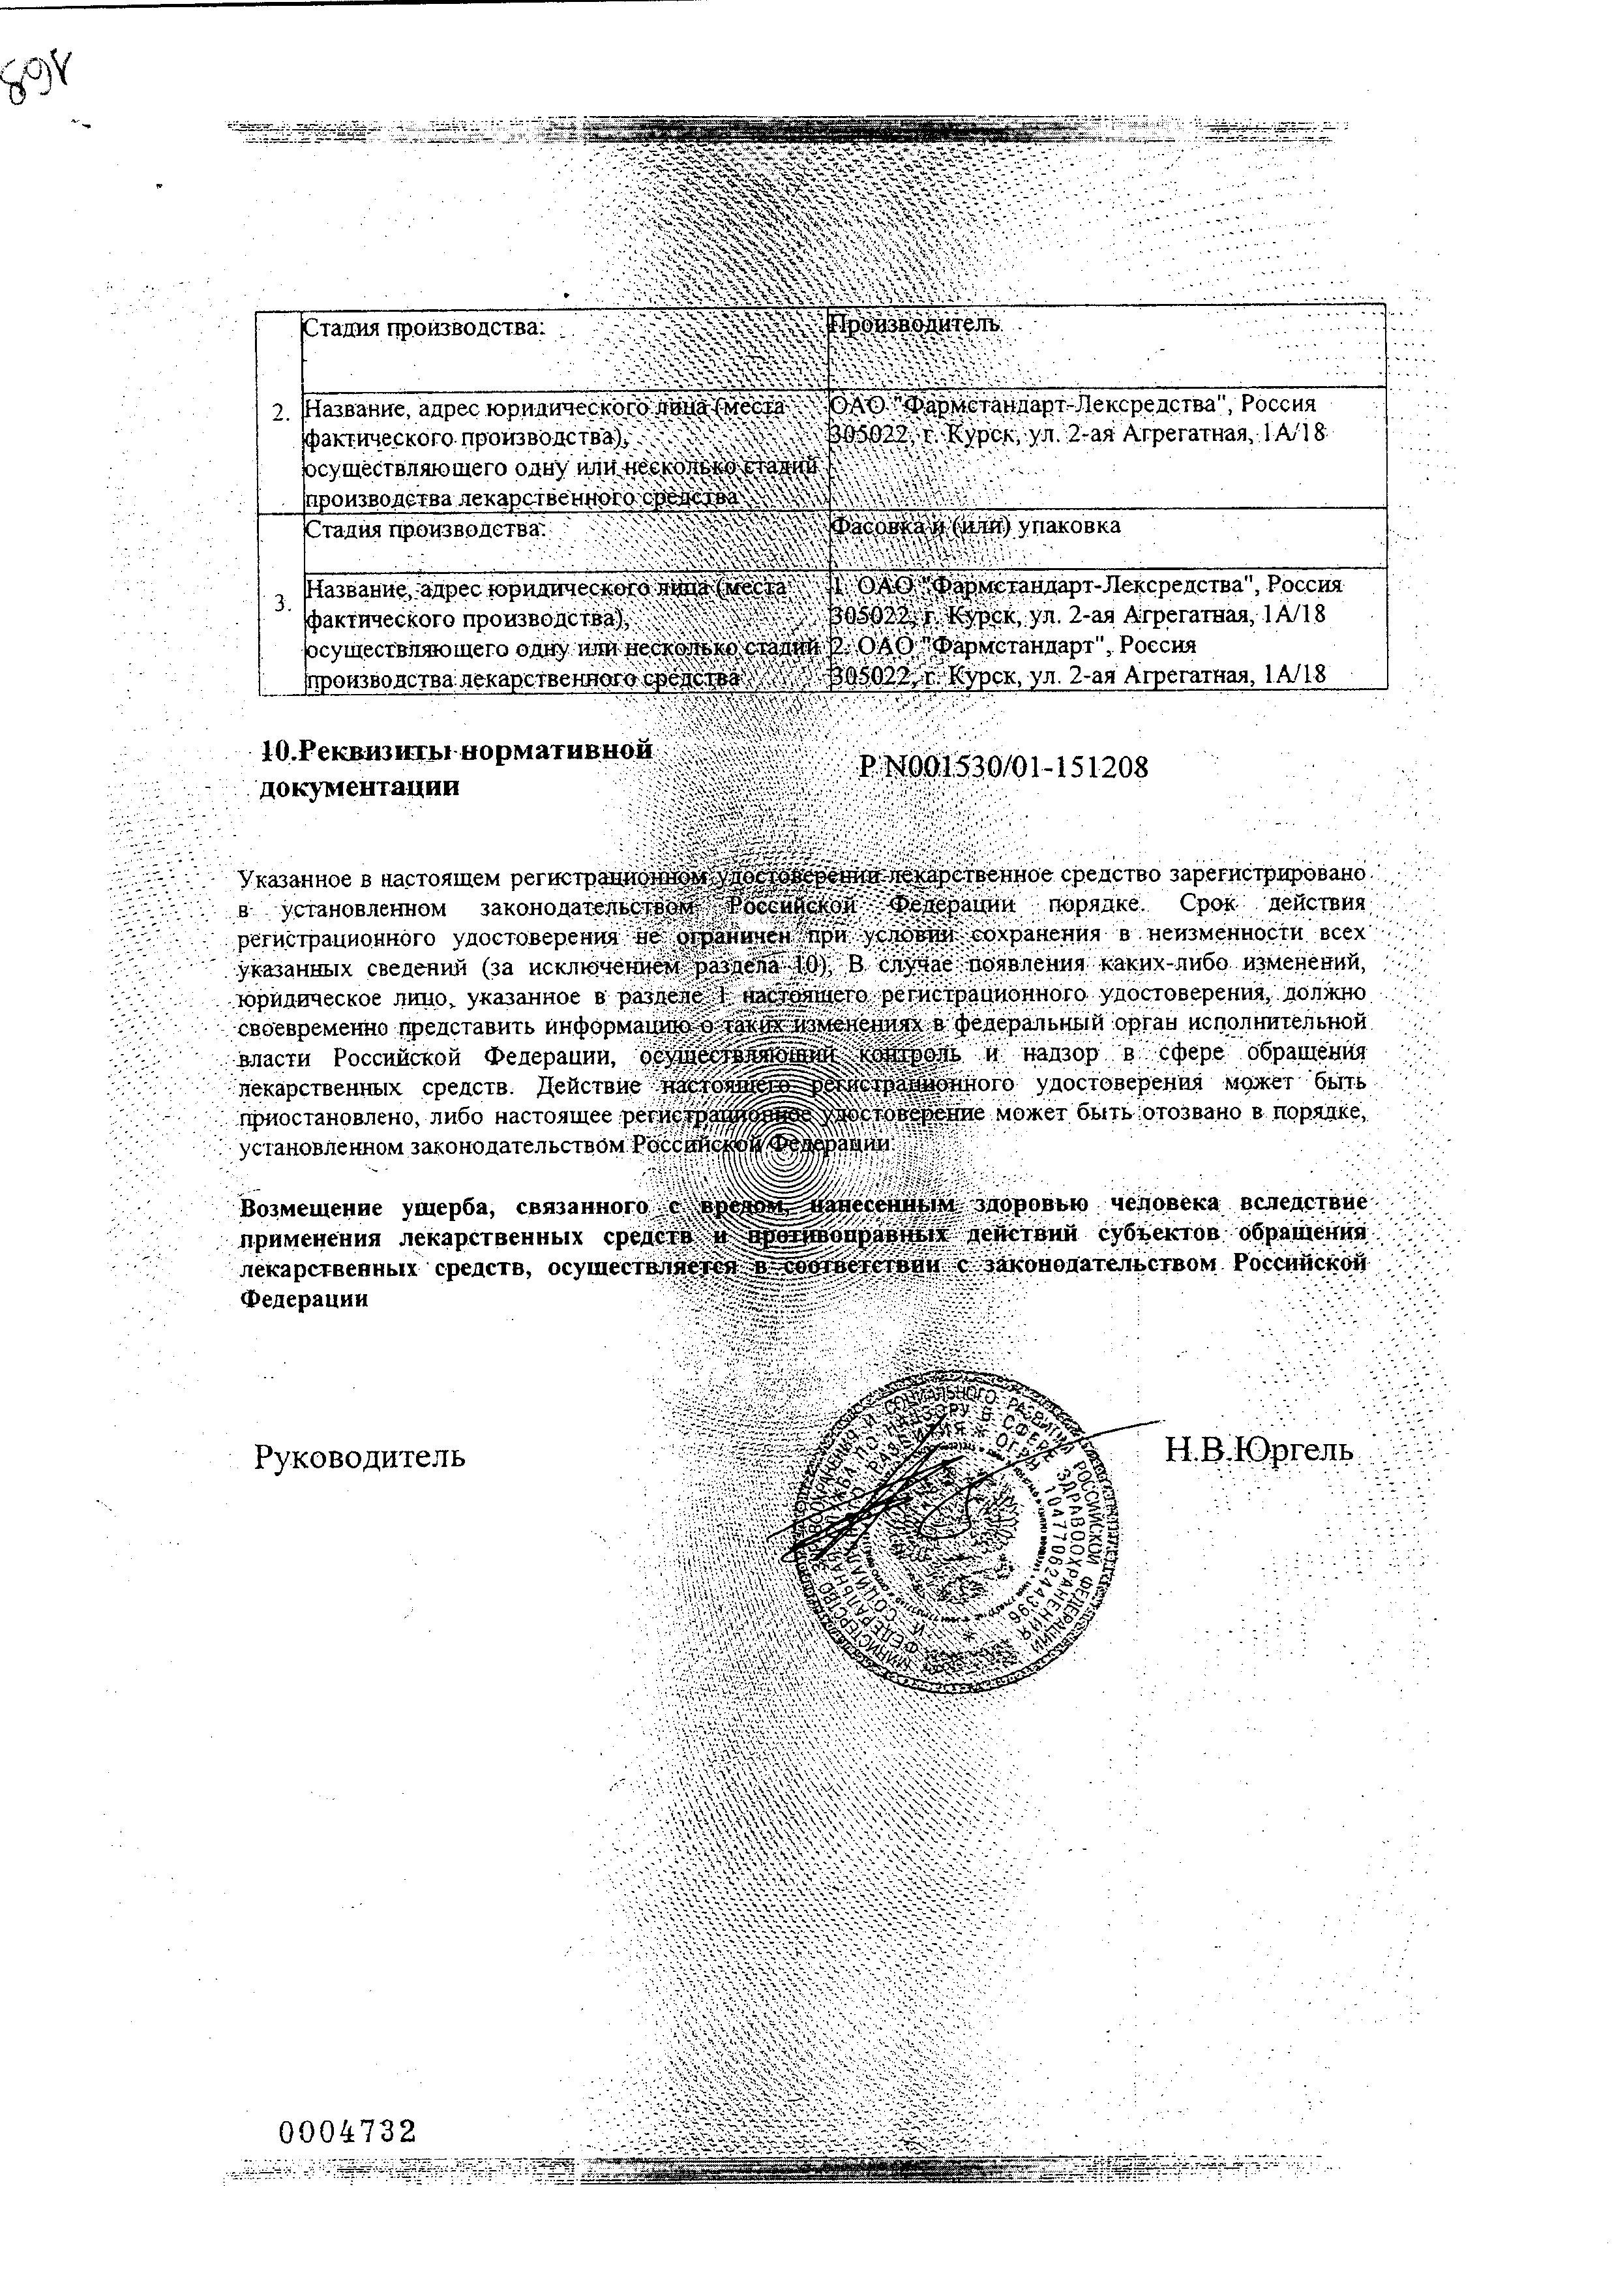 Пиразидол